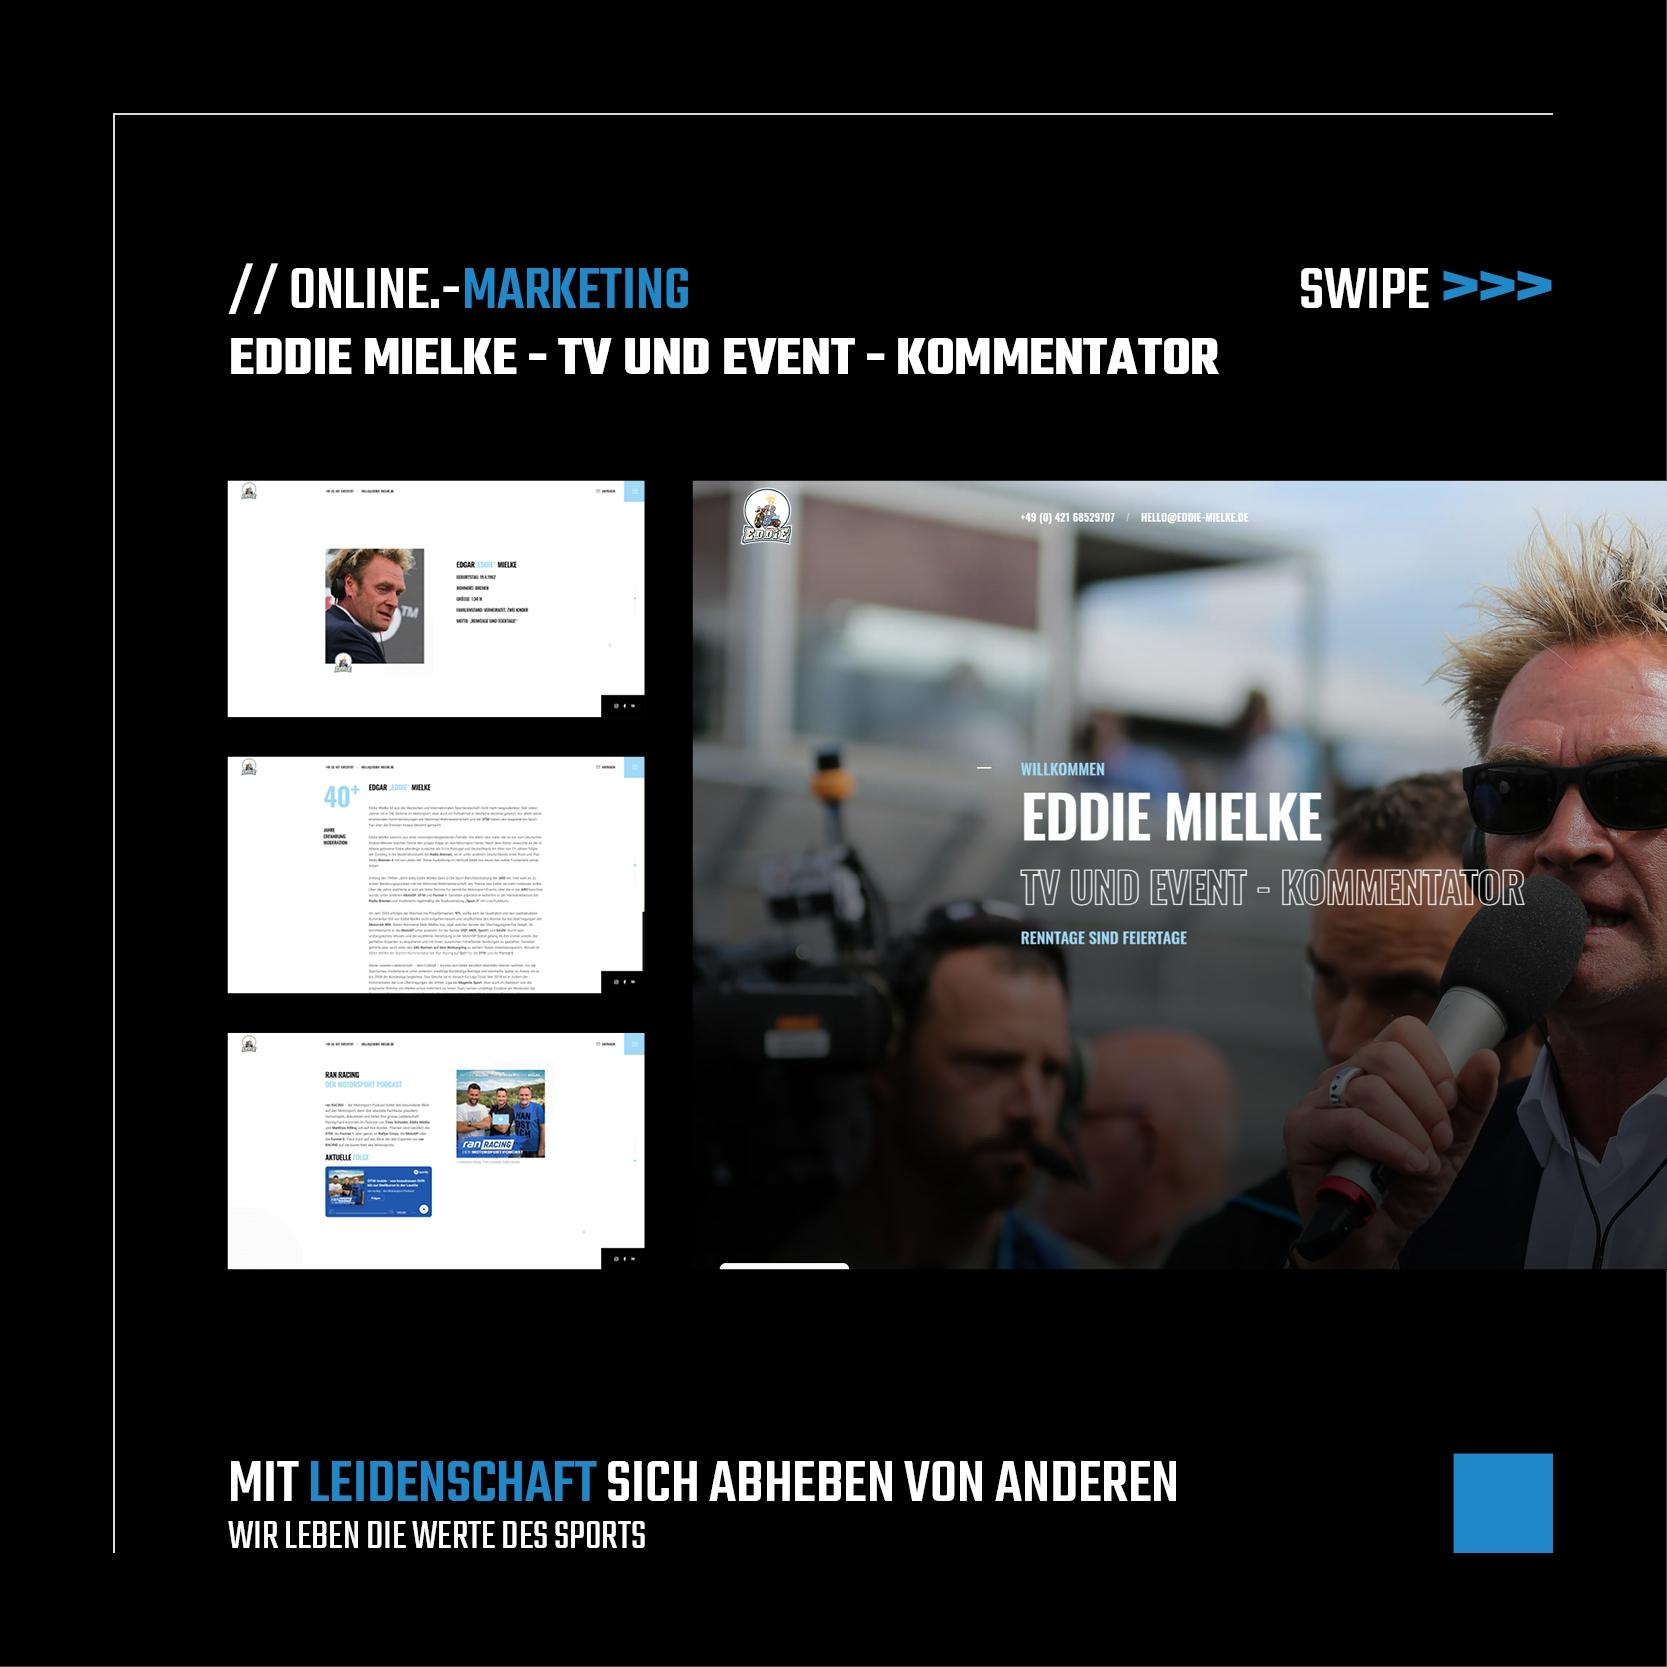 EDDIE MIELKE – TV UND EVENT – KOMMENTATOR